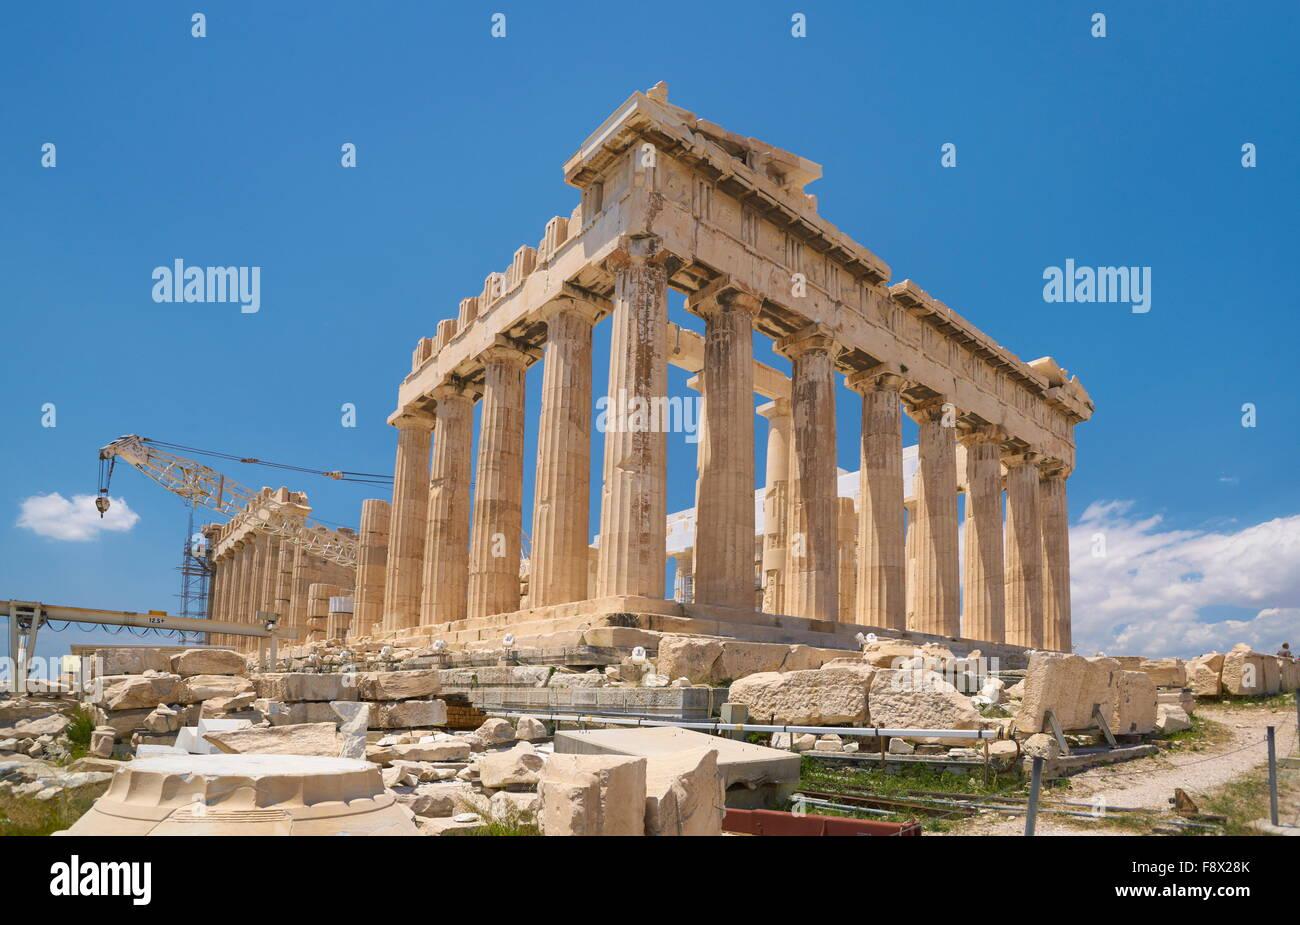 Athens - Acropolis, Parthenon Temple, Greece - Stock Image